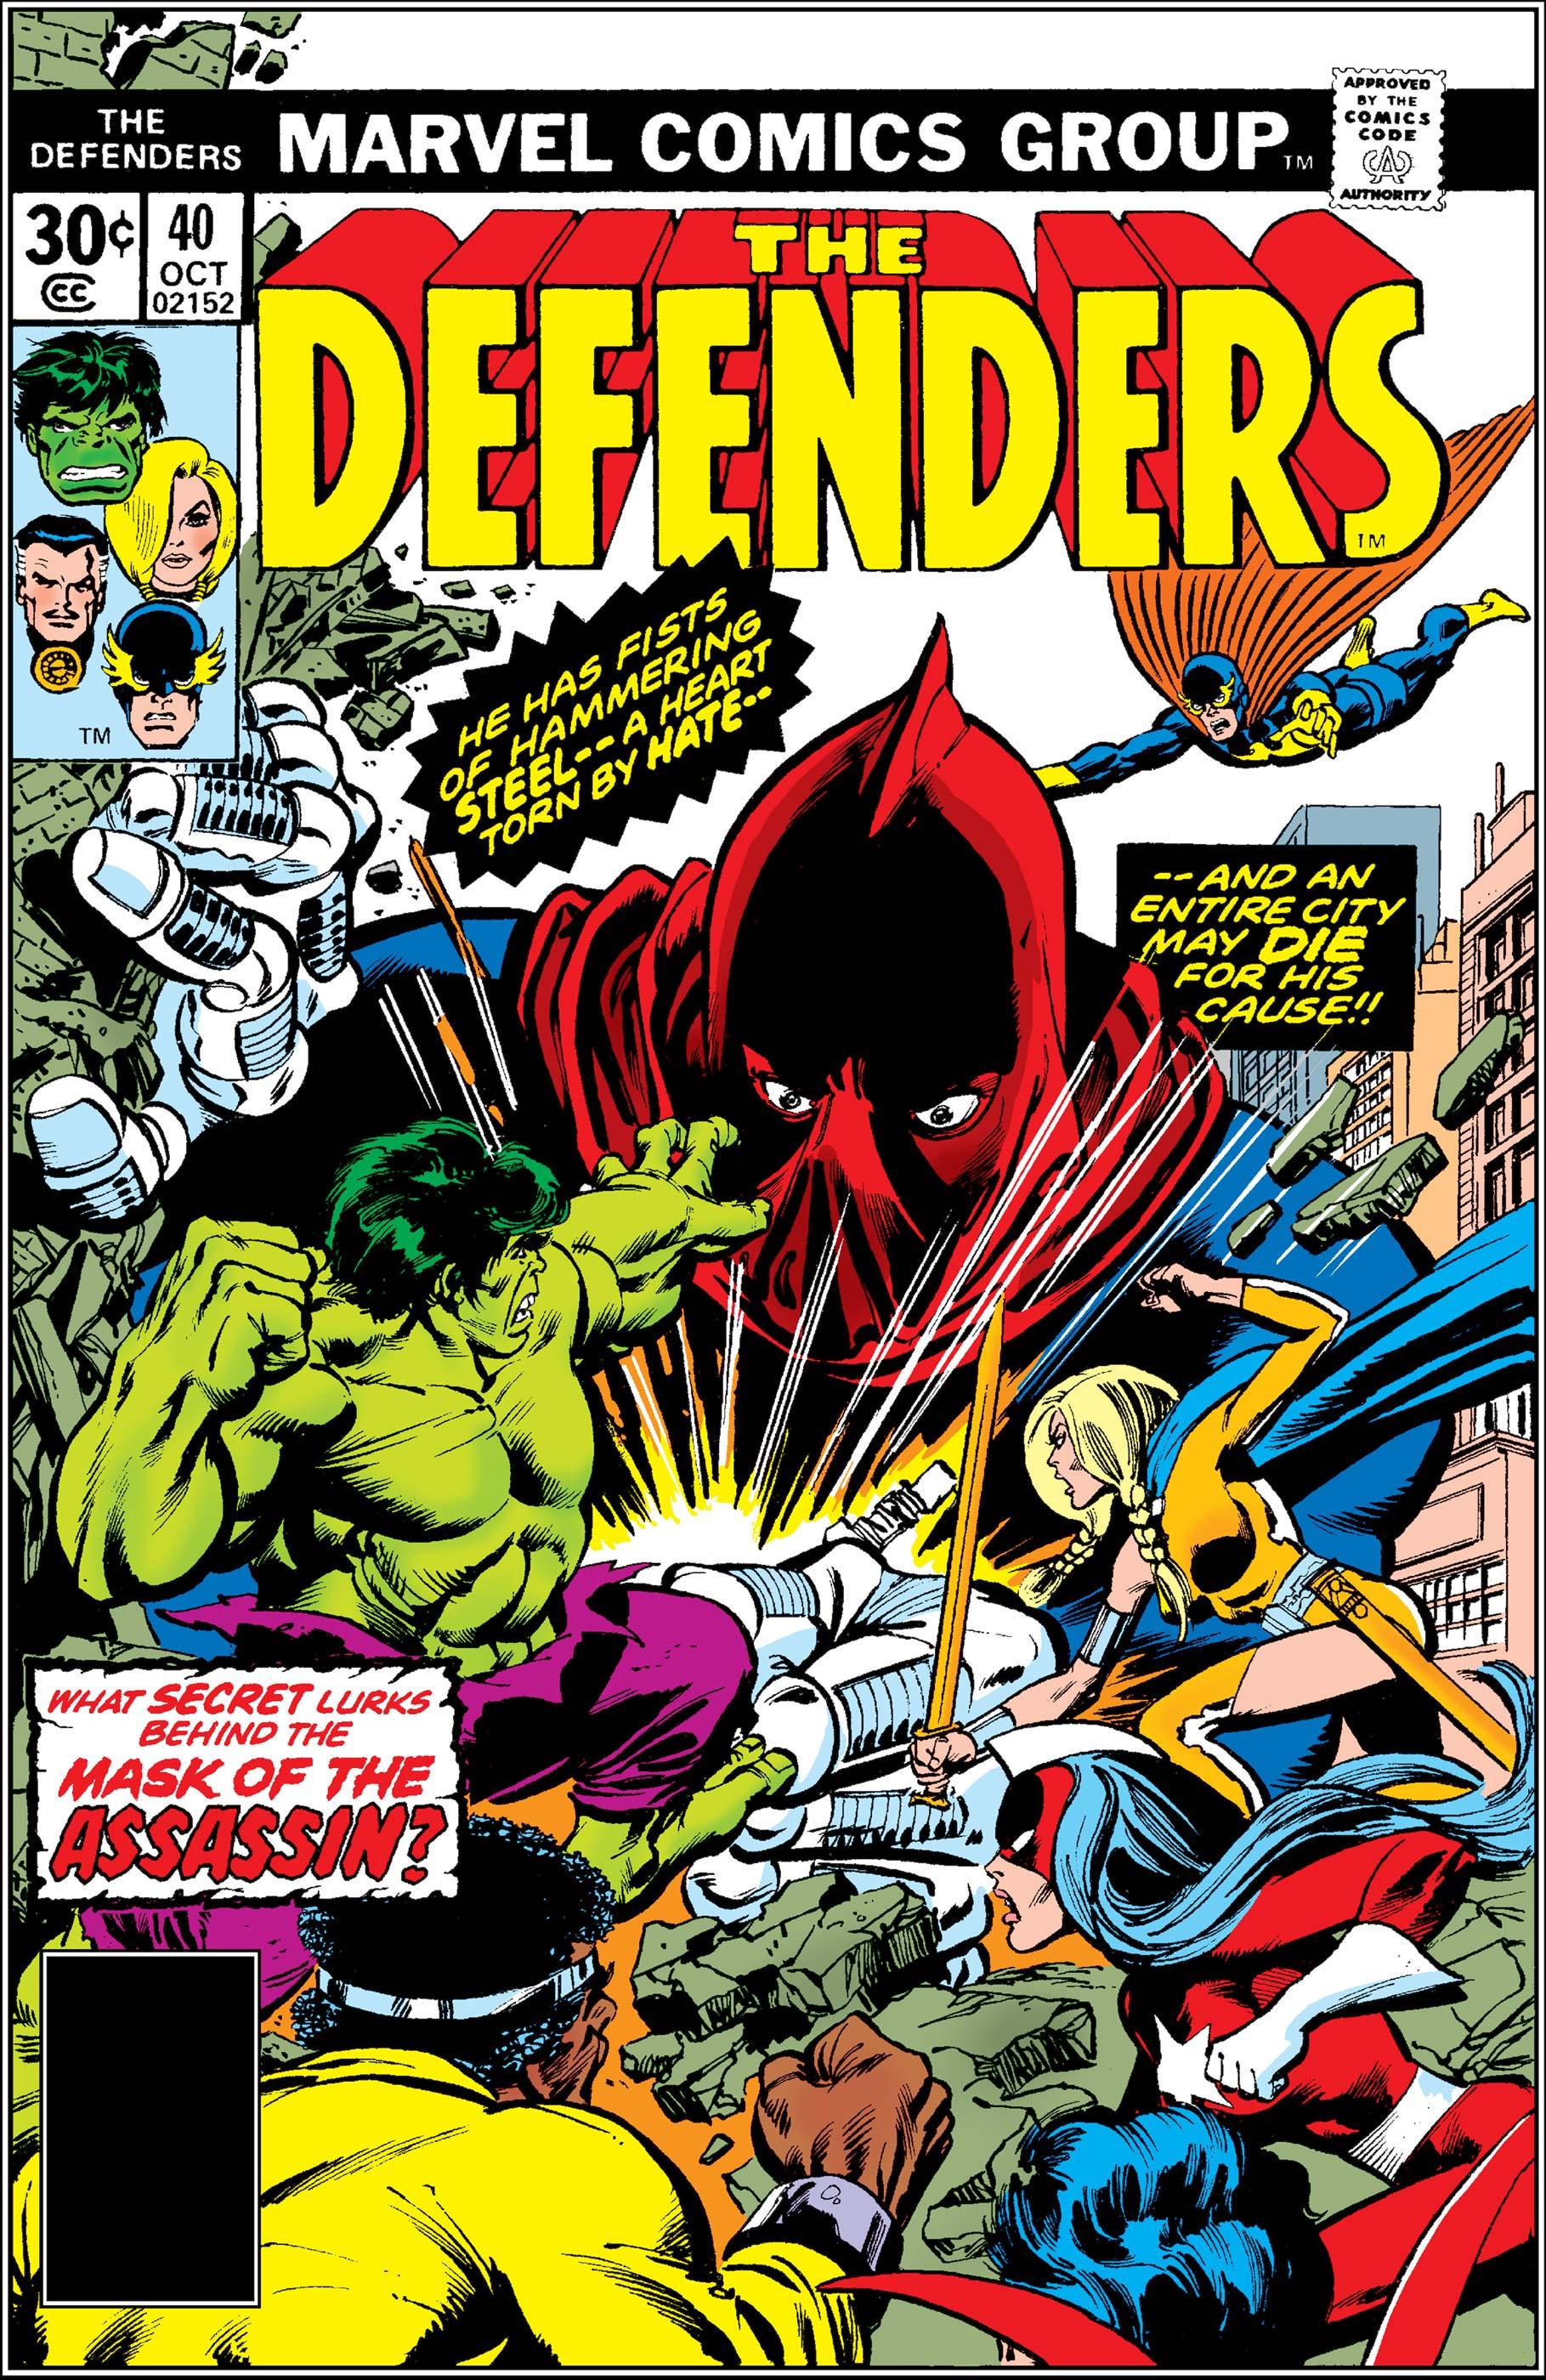 Defenders (1972) #40